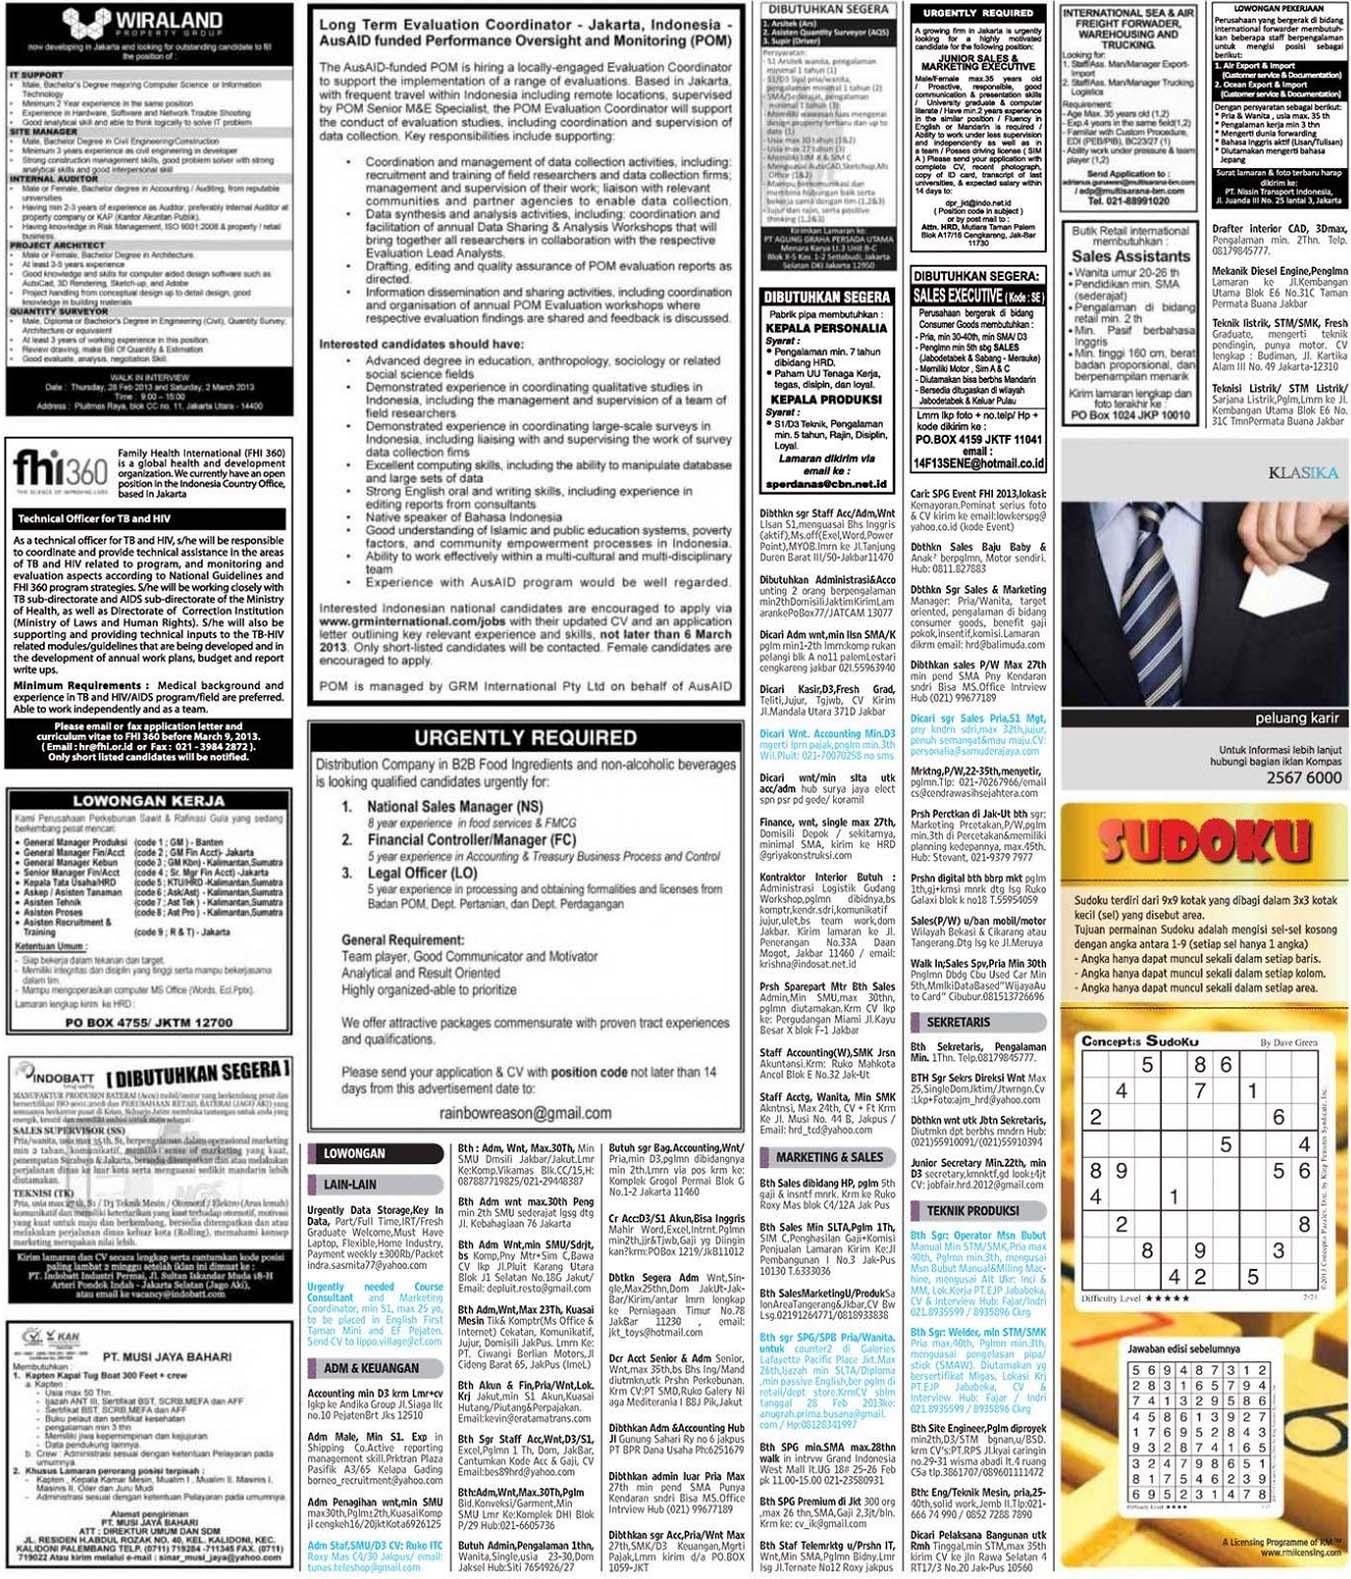 Koran Kompas Lowongan Pekerjaan Pasang Iklan Koran Kompas Poskota Dan Koran Seluruh Indonesia Lowongankerjakorankompasminggu24februari2013 Lowongan Kerja 8